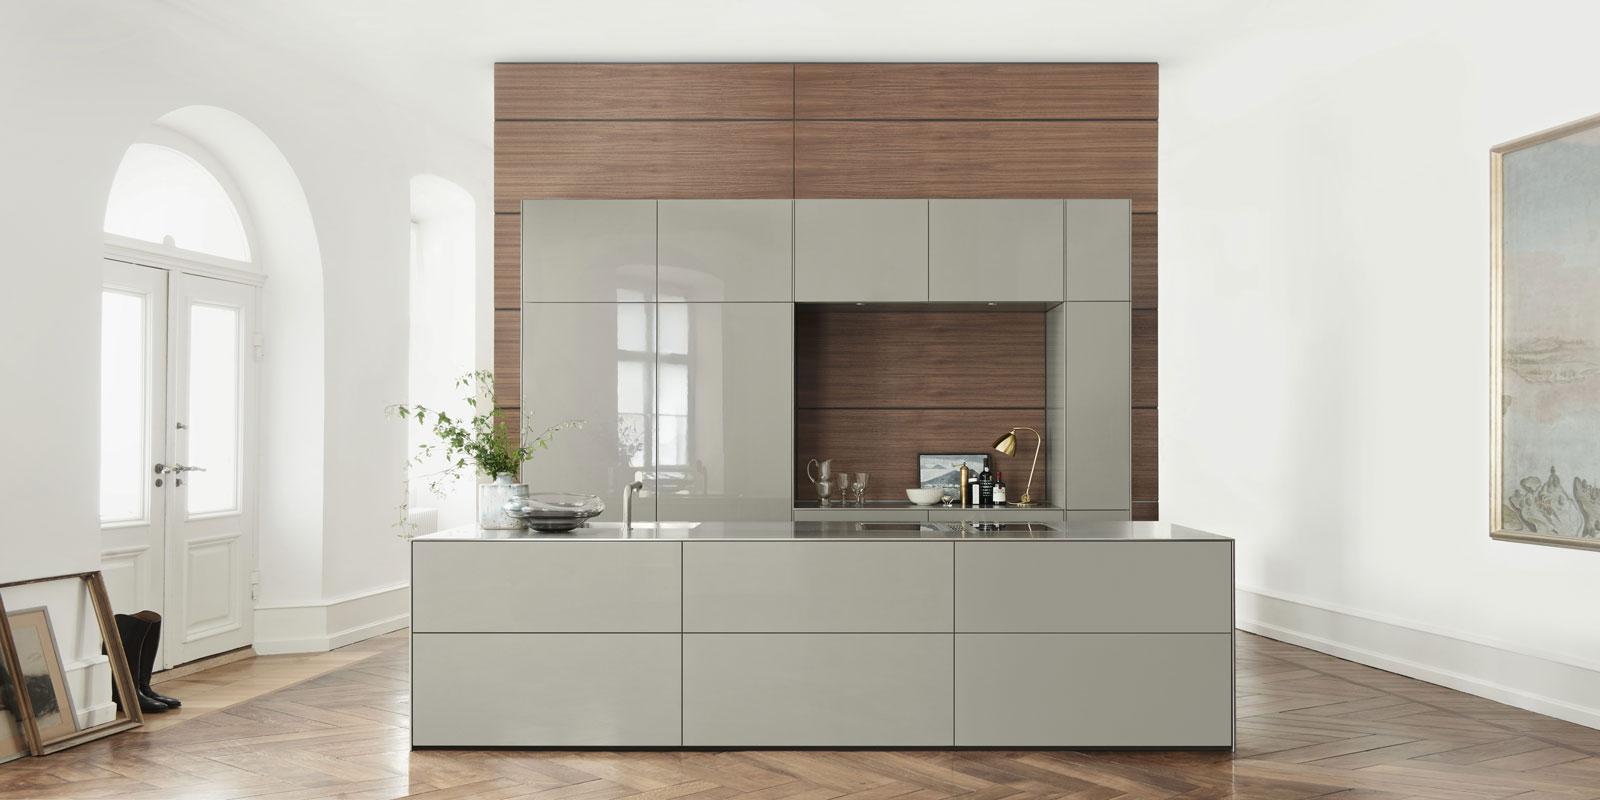 Bulthaup Keuken Werkbank : moderne keukenzaken amersfoort utrecht